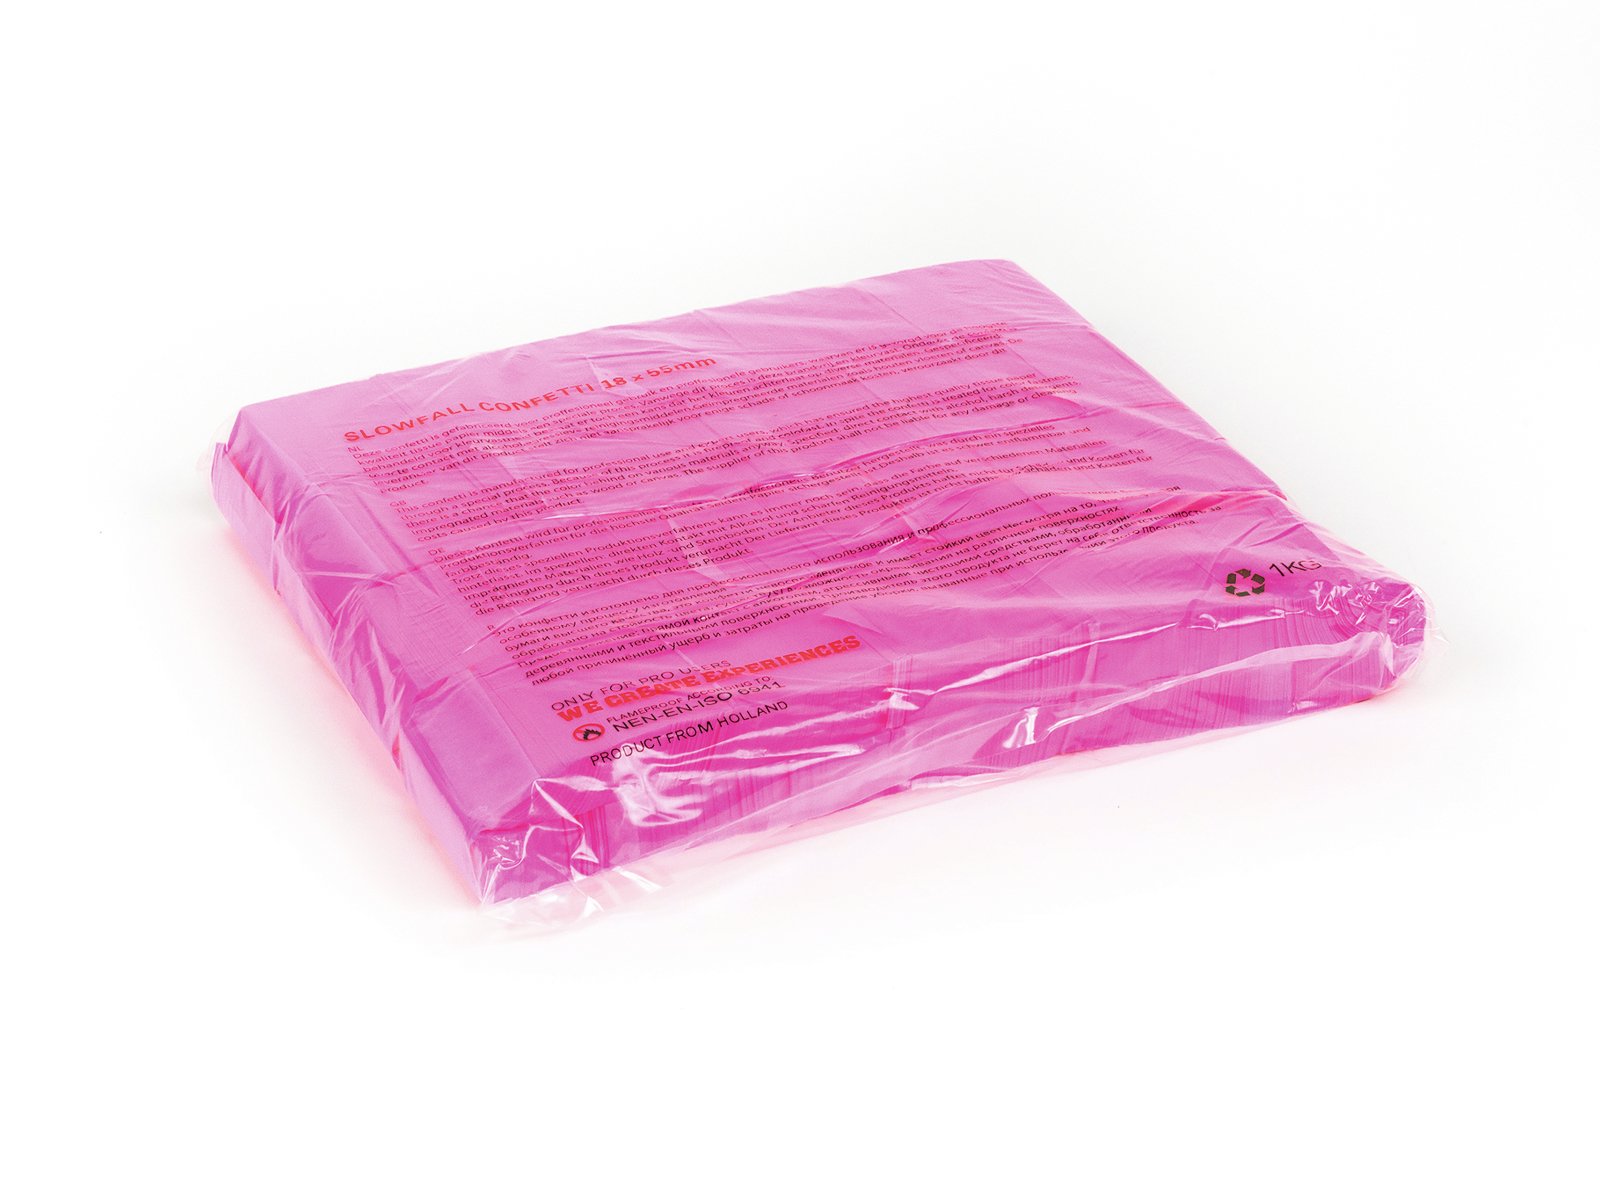 Tcm Fx pomalu padající obdélníkové konfety 55x18mm, neonové-růžové